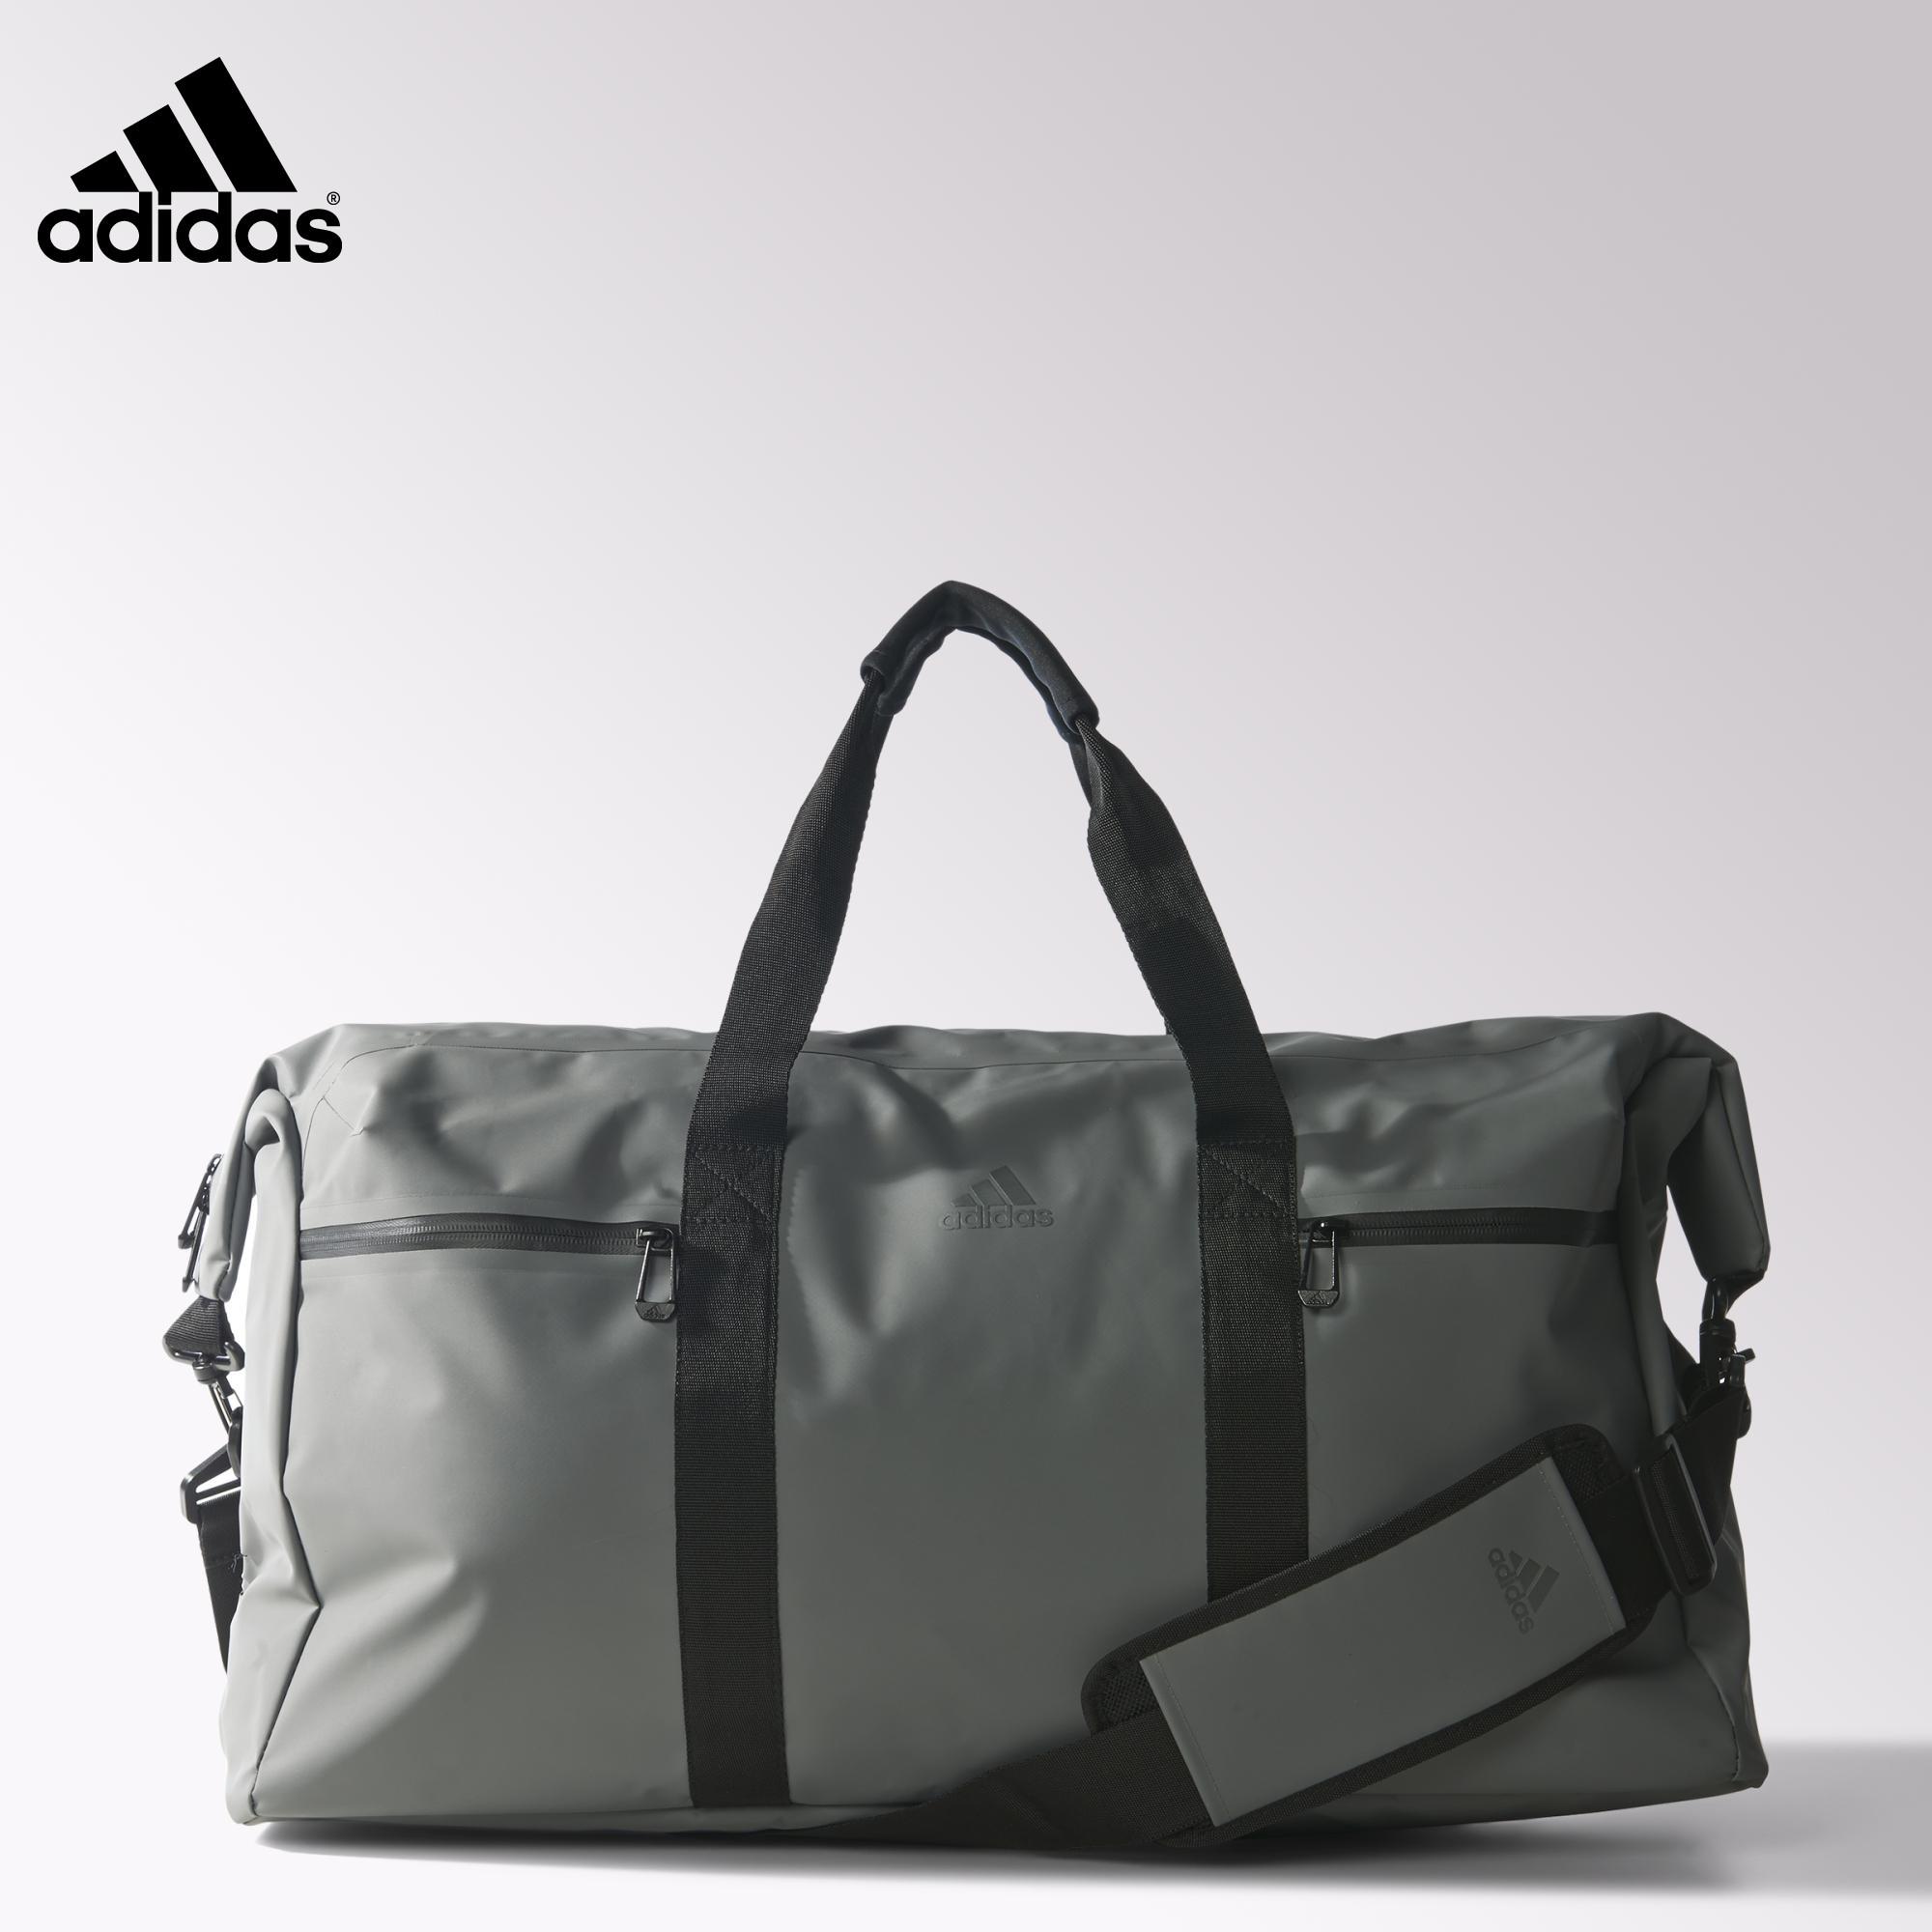 Mediana Bolsa De Climacool S18192 Hombre Adidas Top Deporte 1ZZctrA